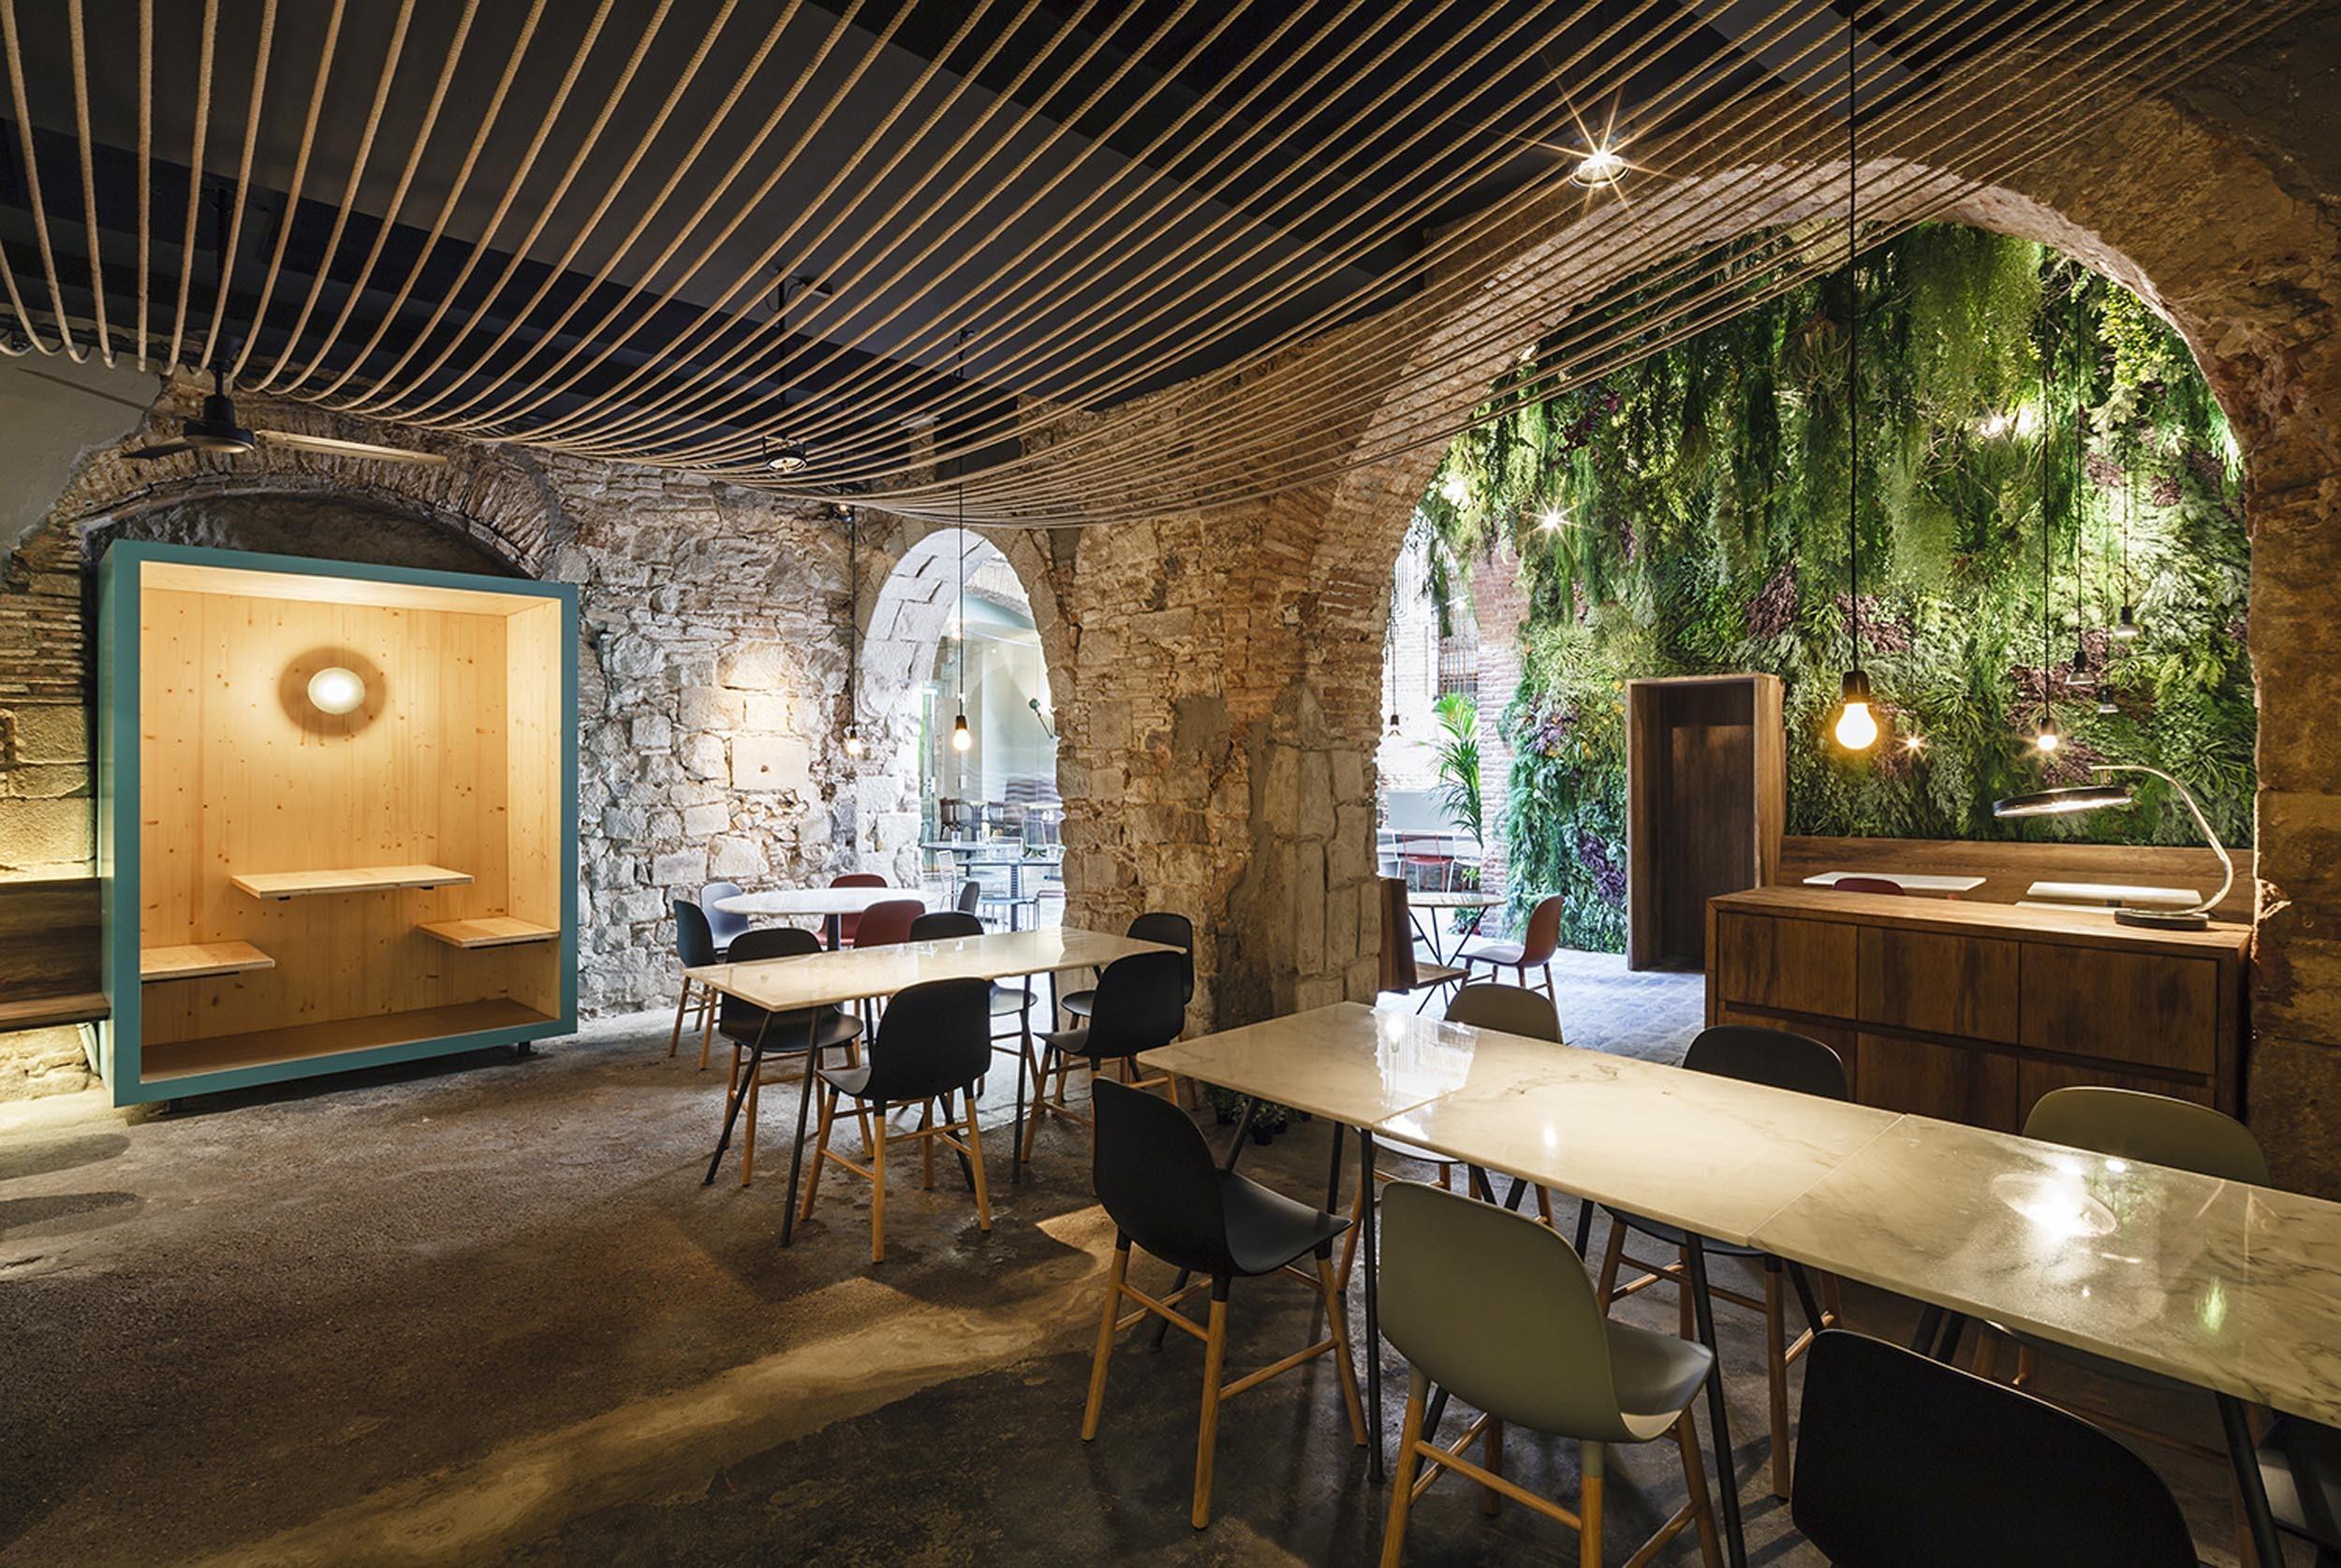 Необычный ресторан La Bona Sort в Барселоне